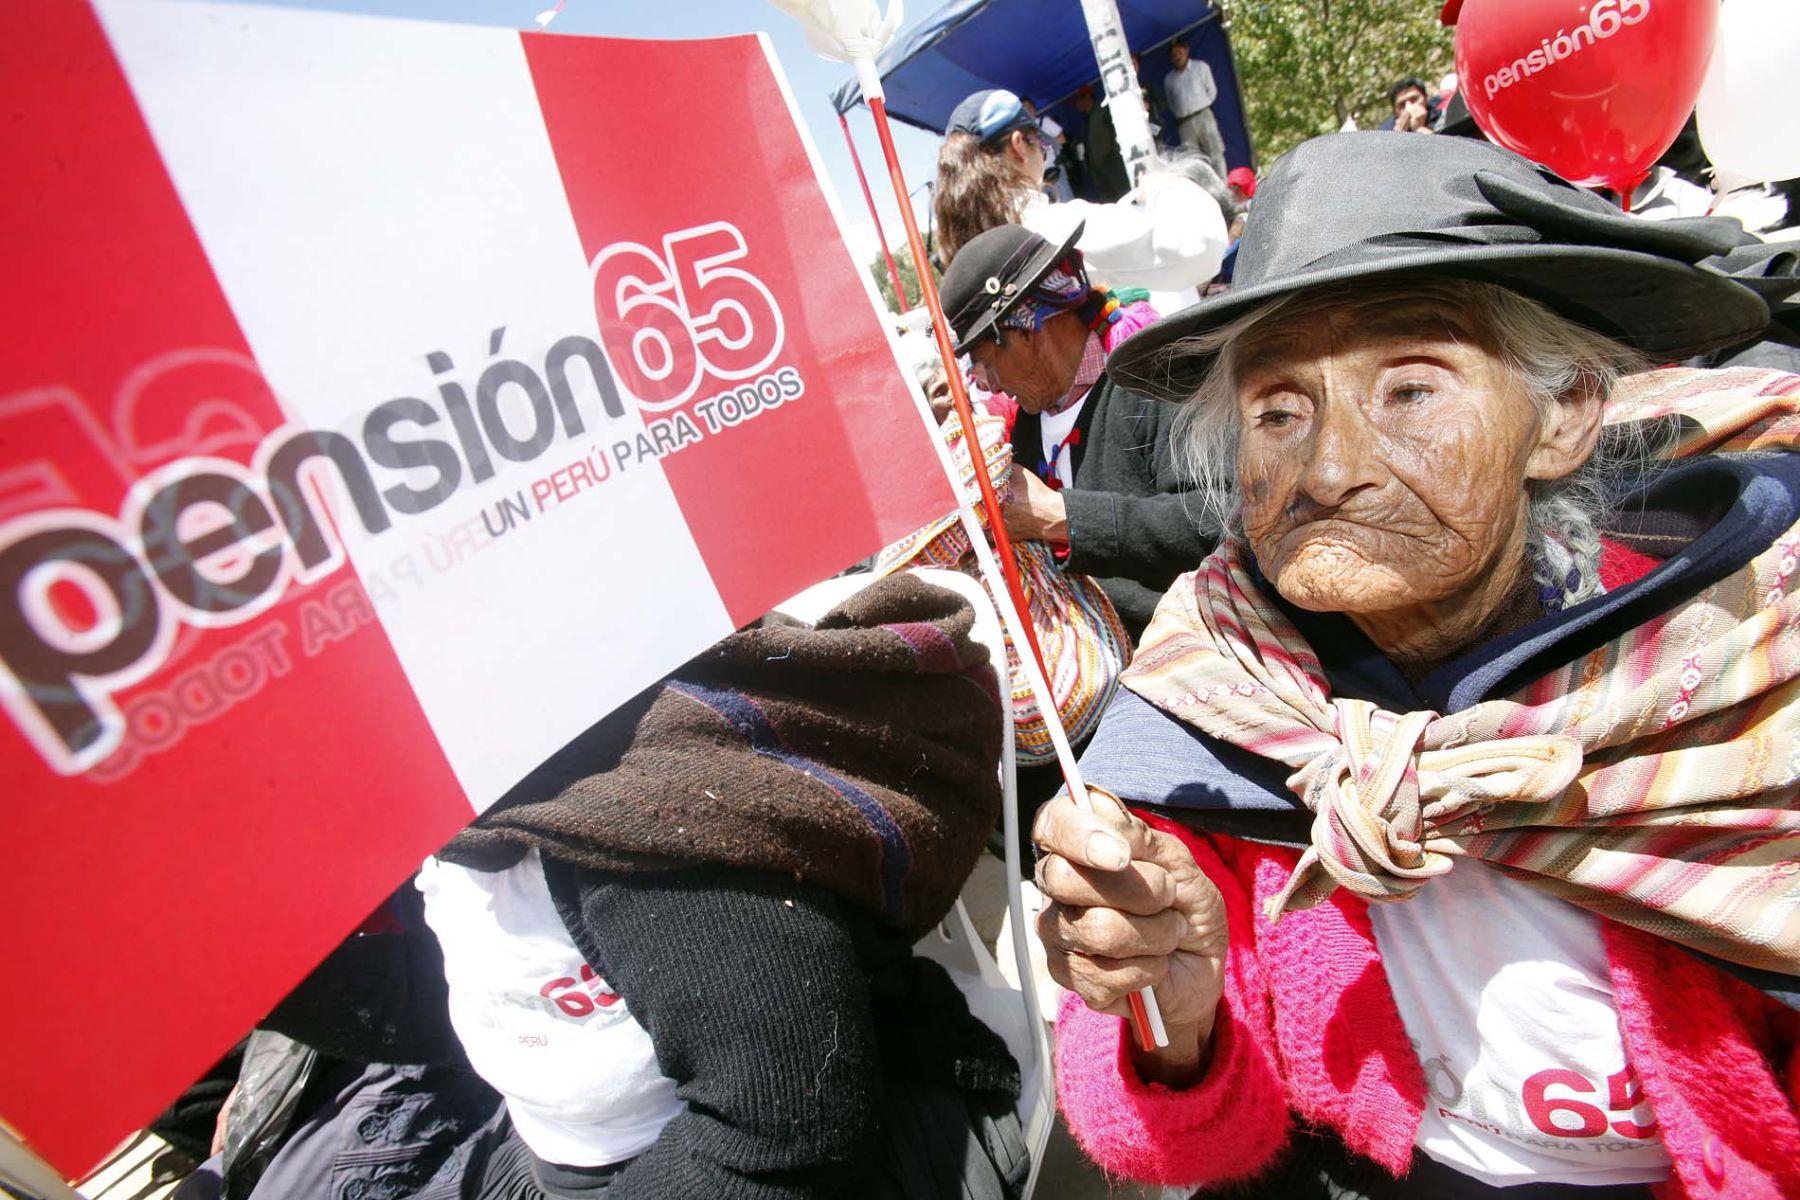 Aclaran que trámites de afiliación e incorporación a Pensión 65 son gratuitos. Foto: ANDINA/Luis Iparraguirre.